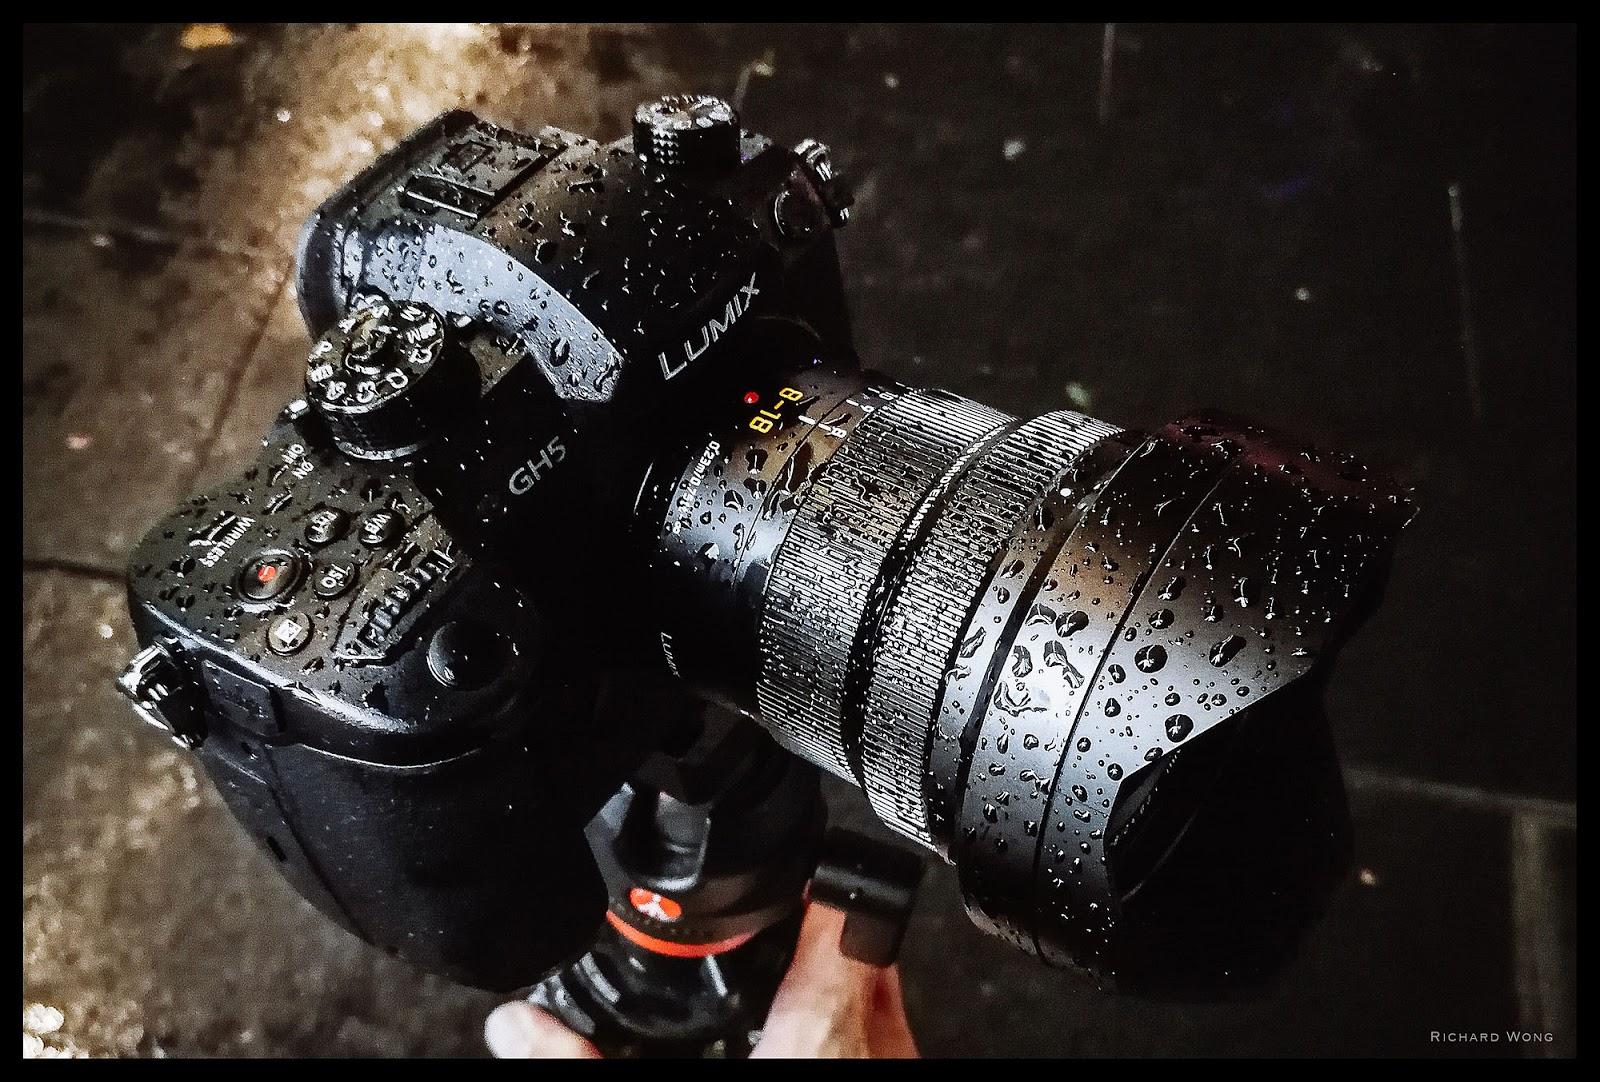 Leica DG Vario-Elmarit 8-18mm f/2.8-4.0 Asph и Panasonic Lumix GH5 покрытые каплями воды